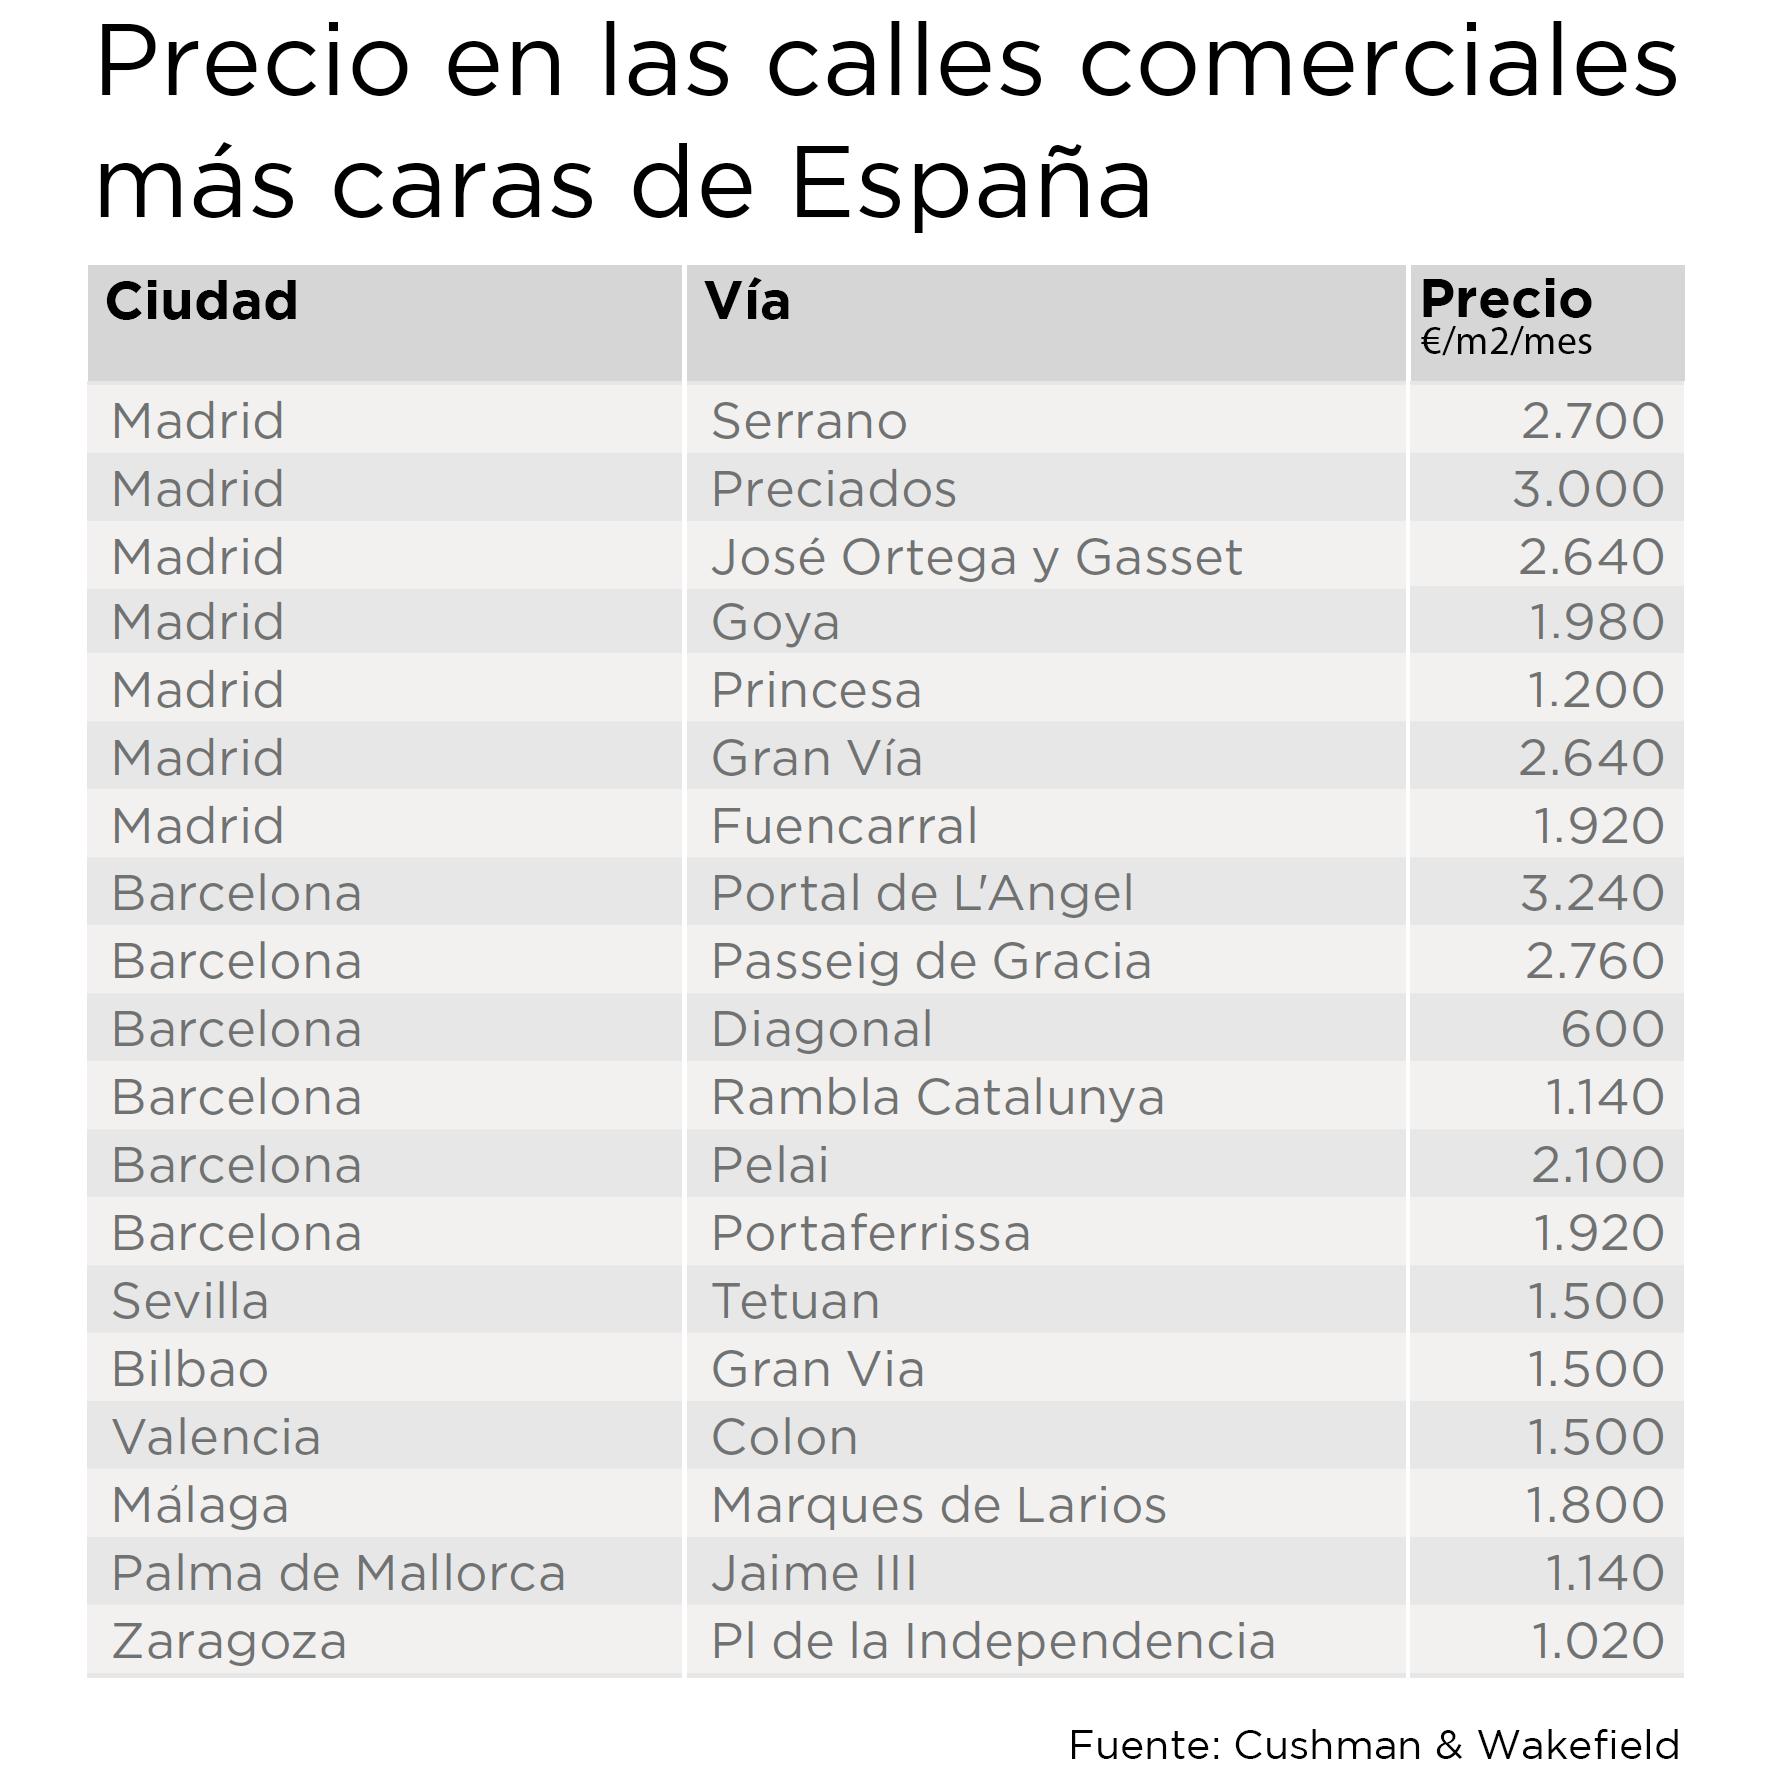 Precio de alquiler de las calles comerciales en España